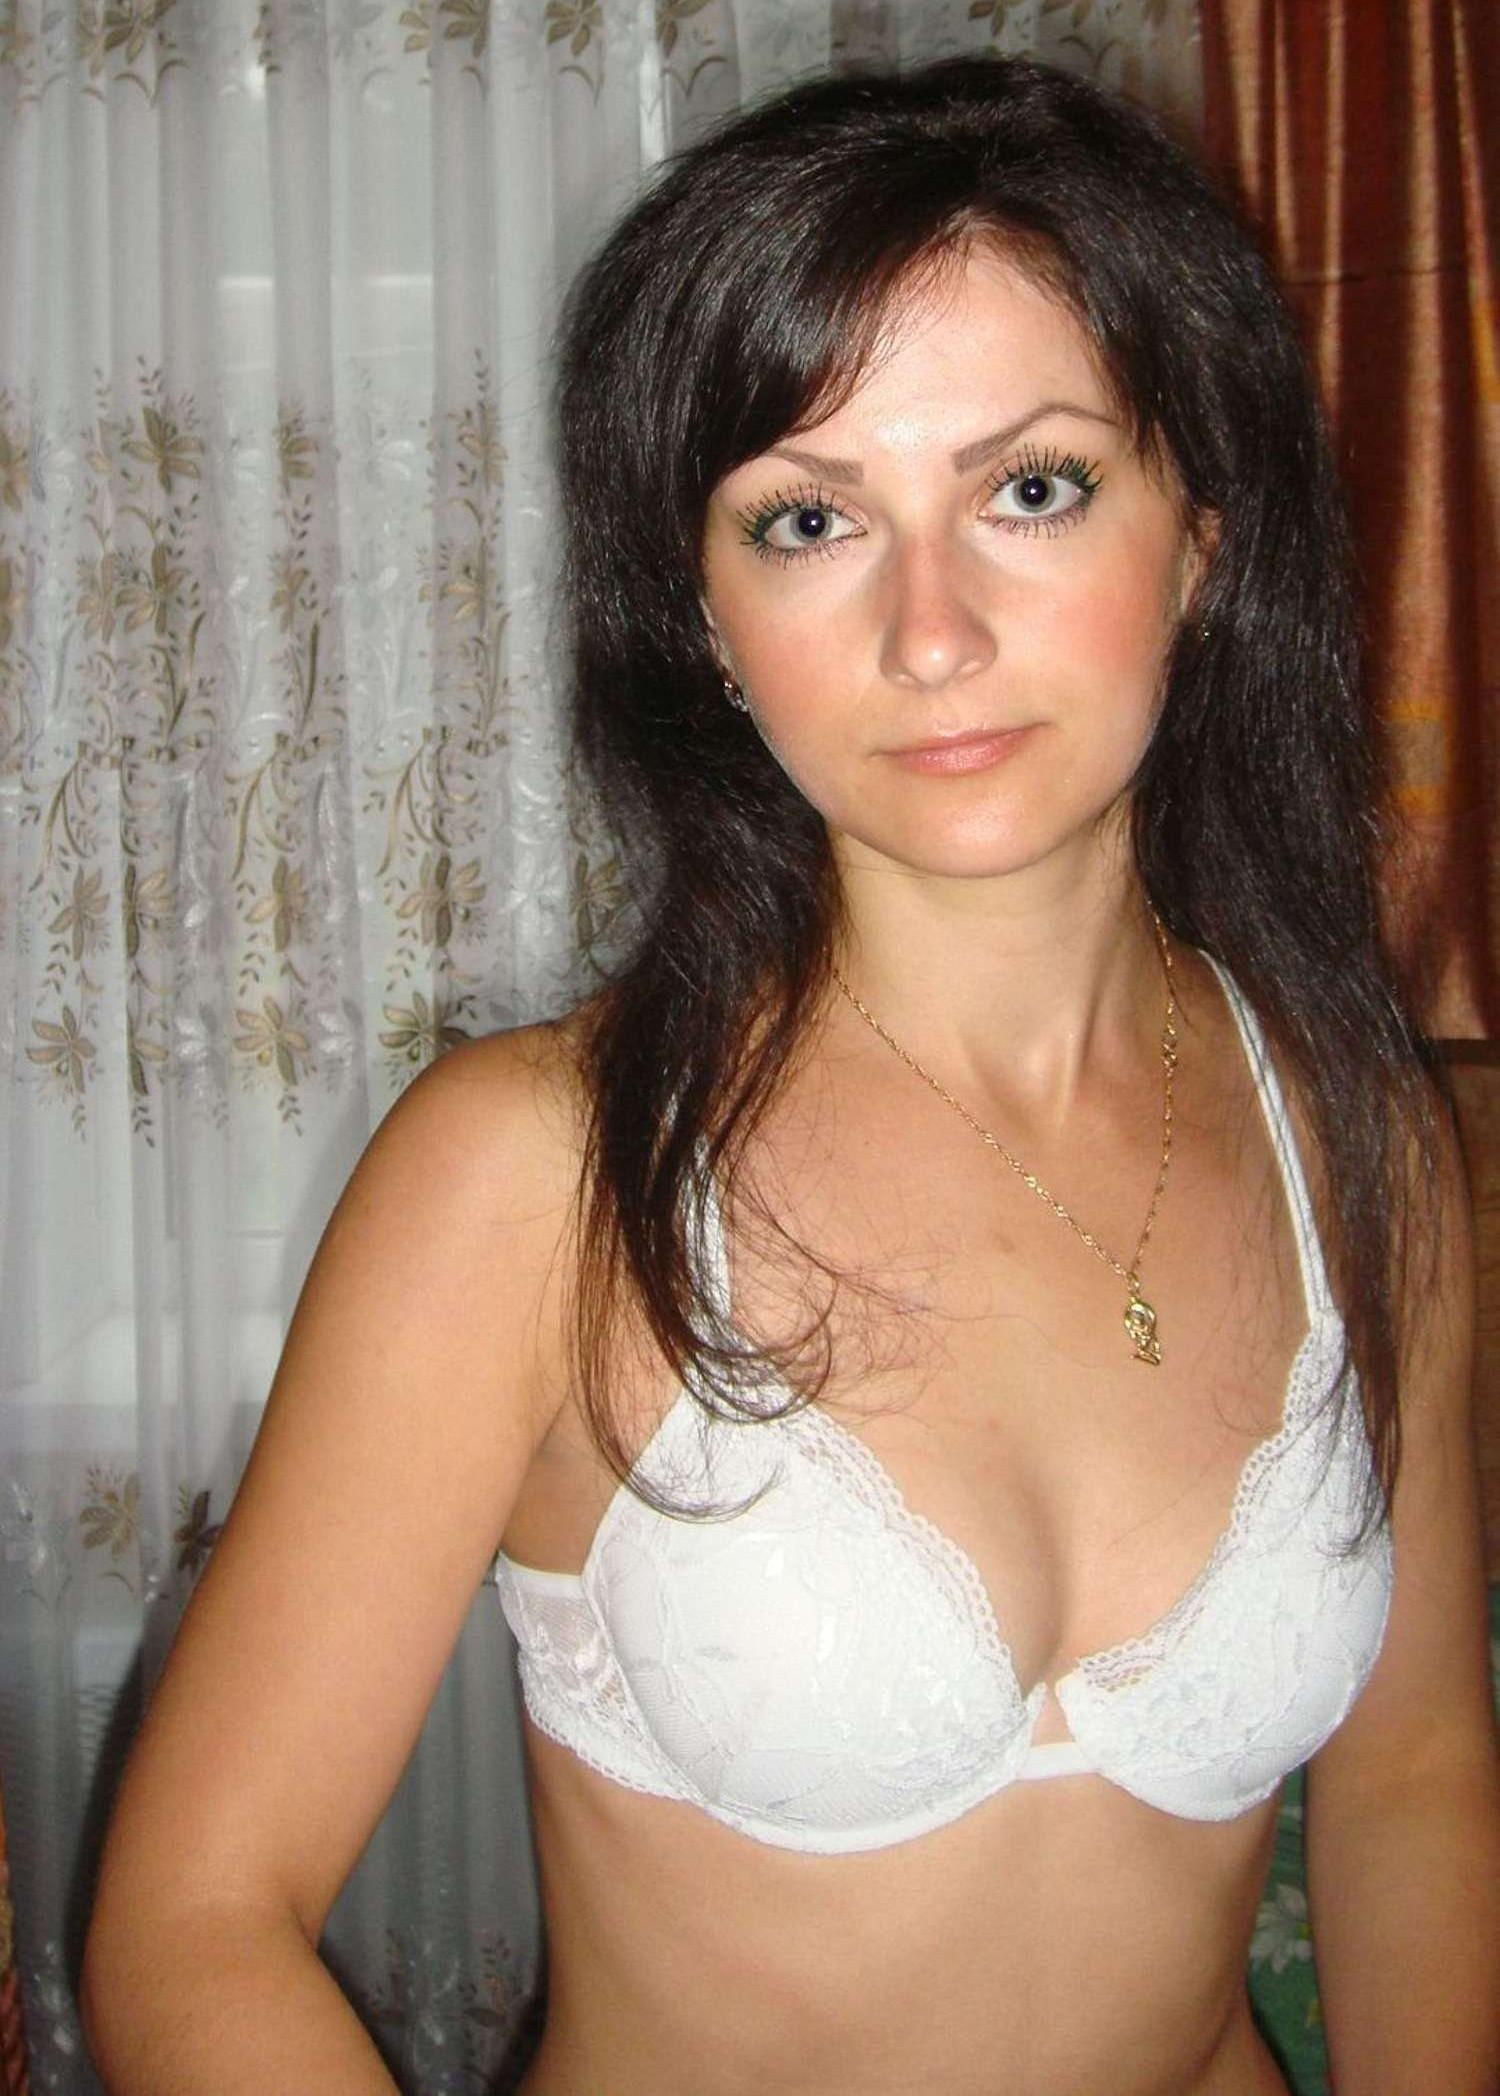 brunette-amateur-nude-milf-22